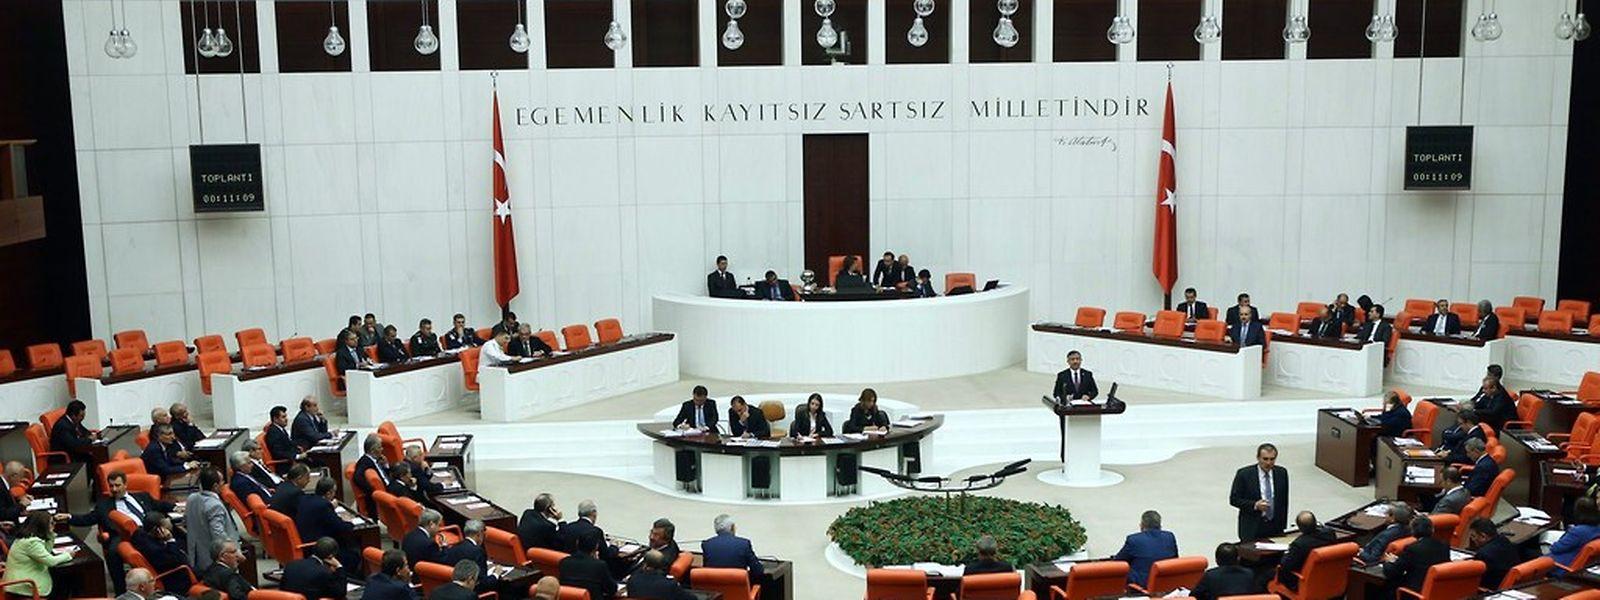 298 türkische Abgeordnete stimmten im Parlament für die Resolution, 98 votierten dagegen.